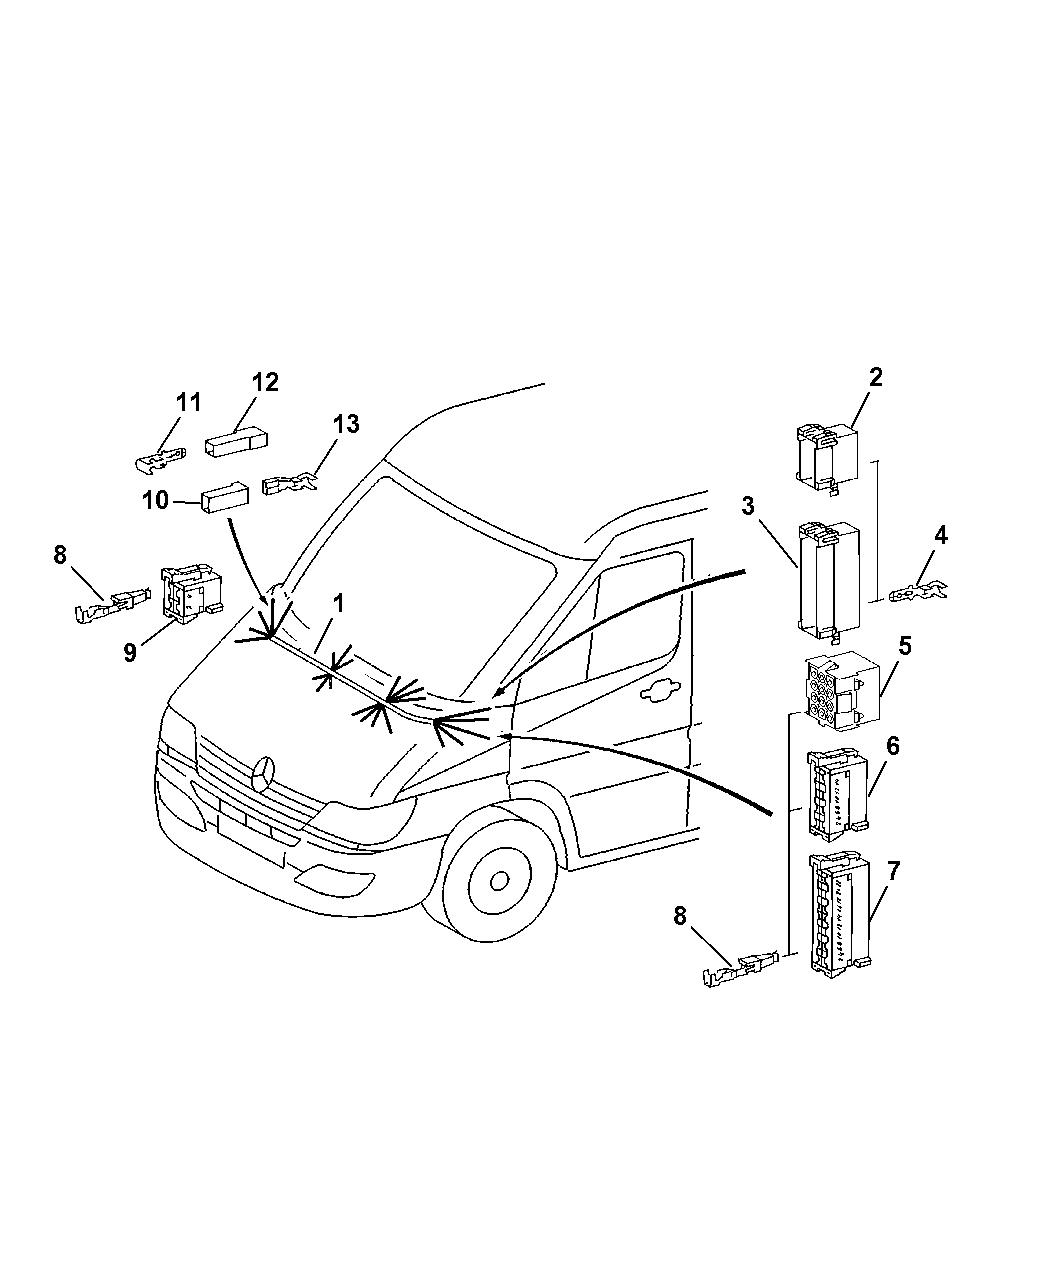 Dodge Sprinter Wiring